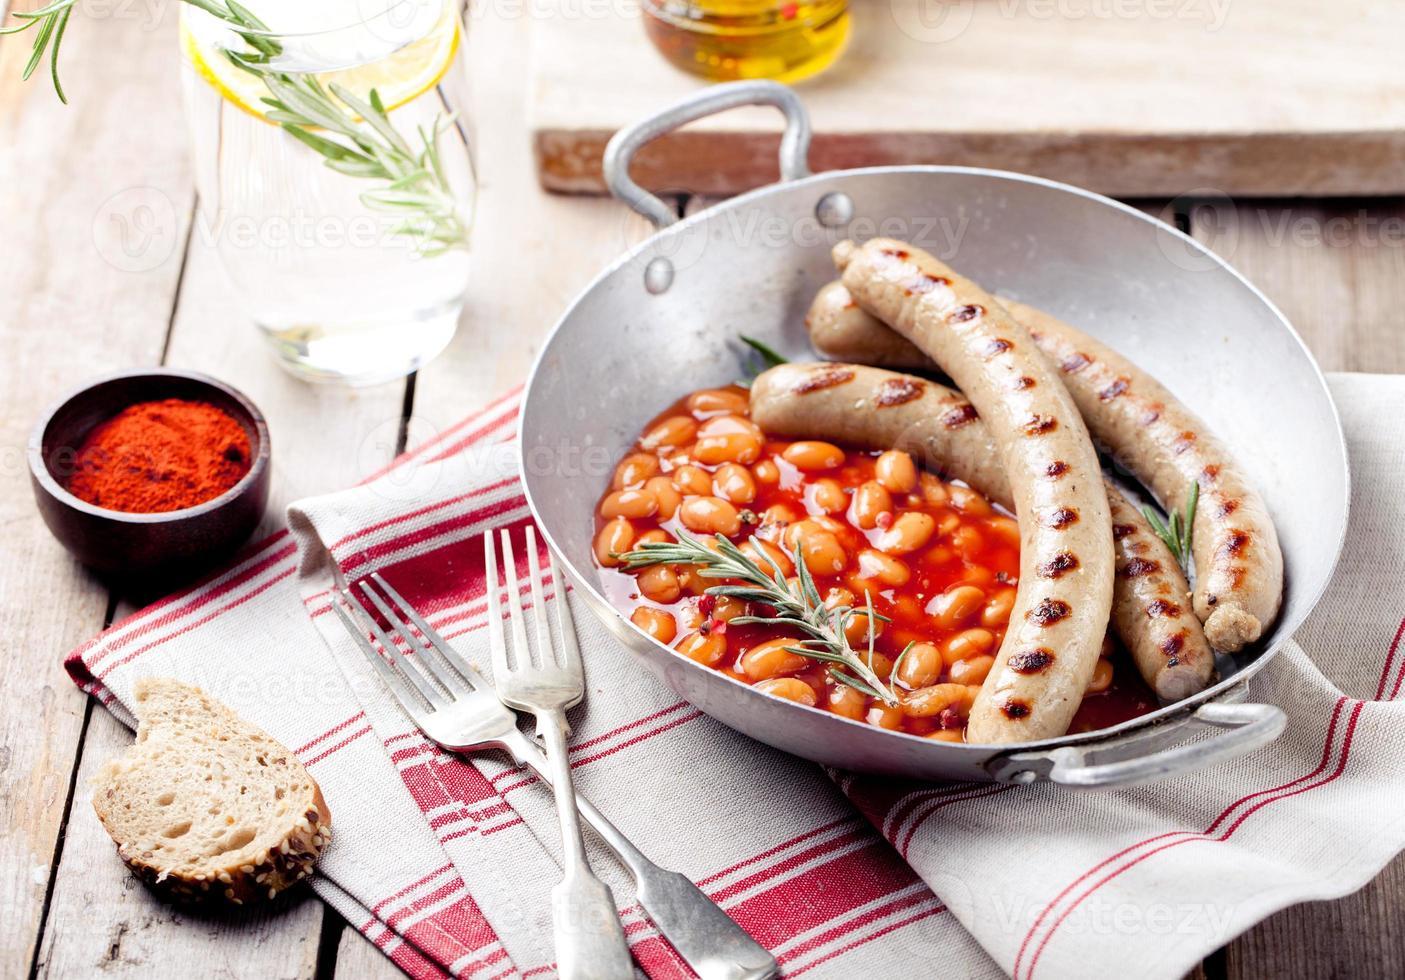 salsicce alla griglia con fagioli in salsa di pomodoro foto